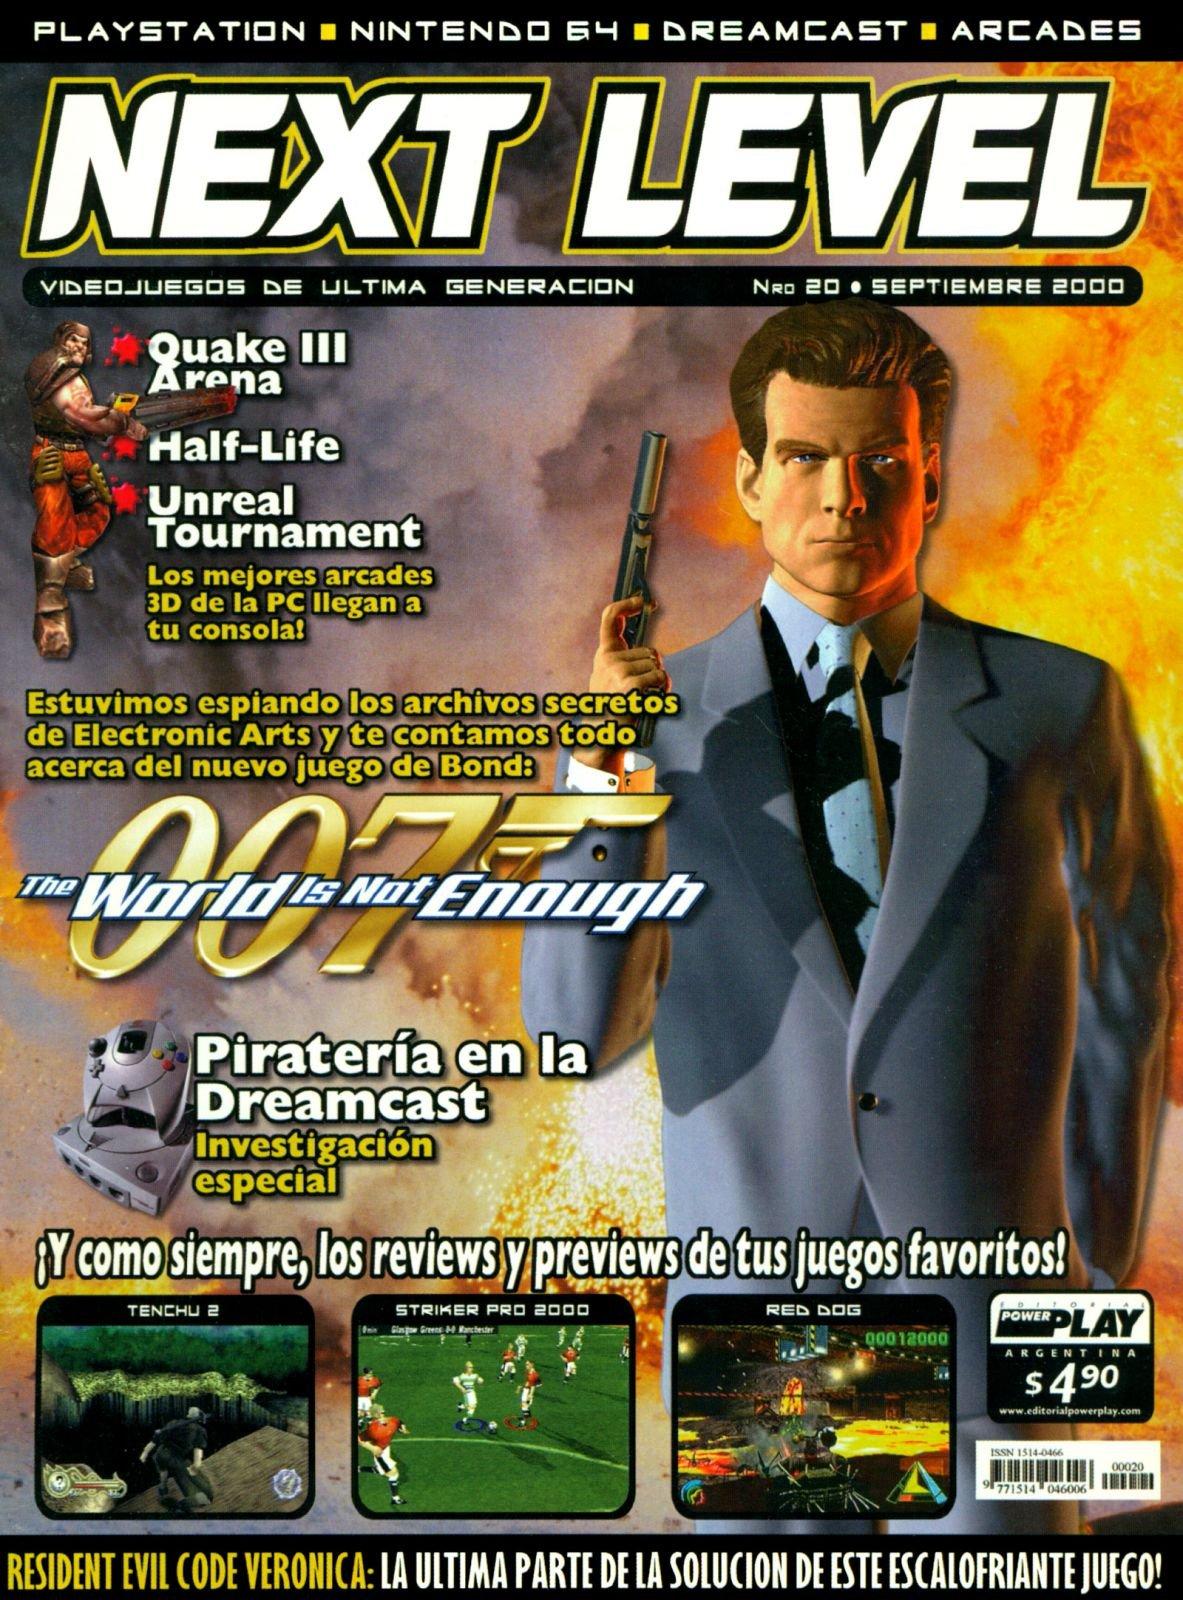 Next Level 20 September 2000